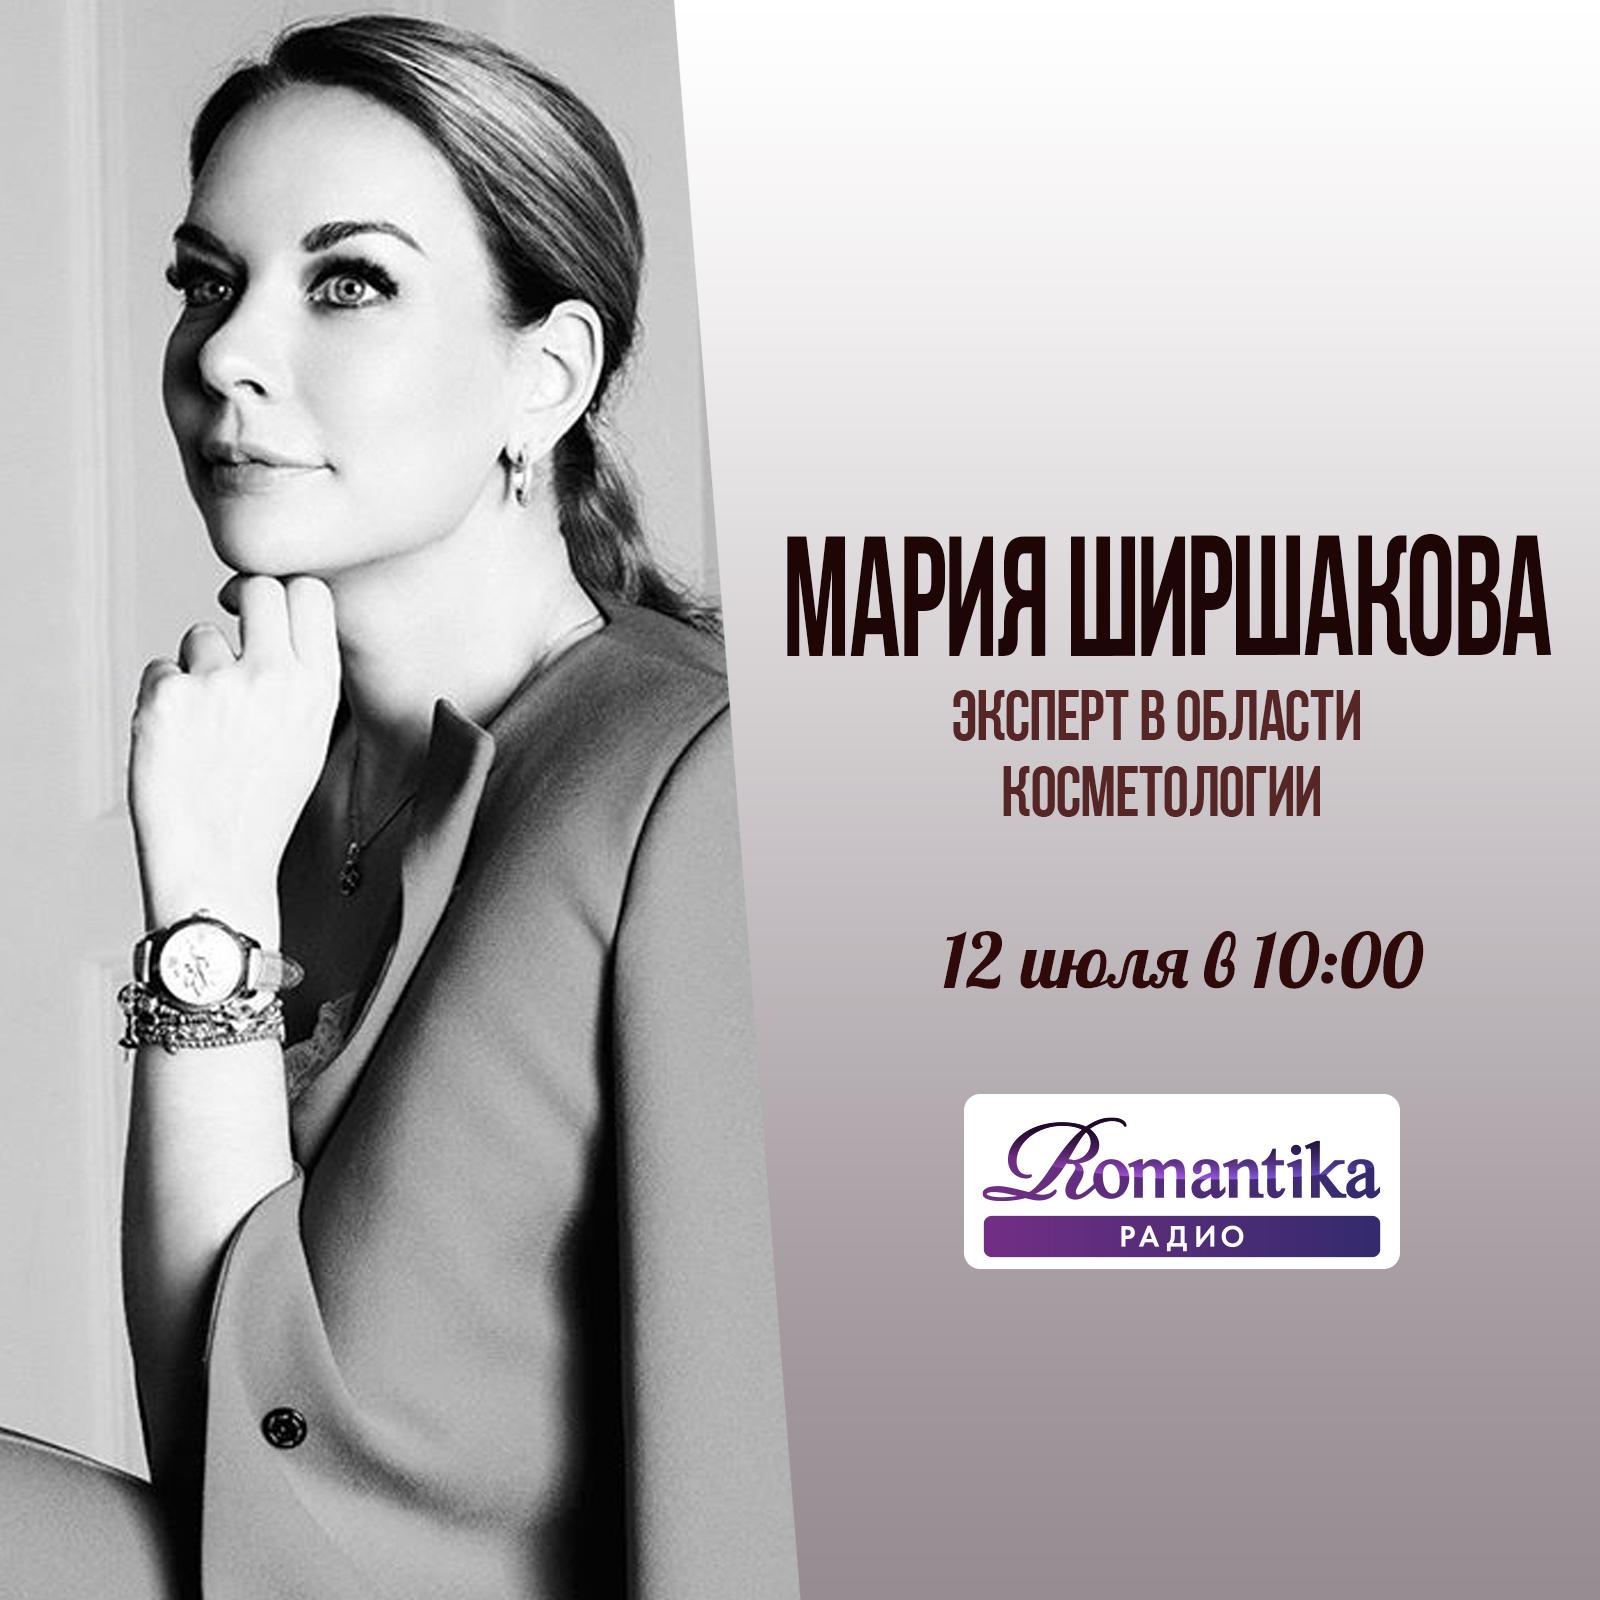 Утро на радио Romantika: 12 июля – в гостях эксперт в области косметологии Мария Ширшакова - Радио Romantika